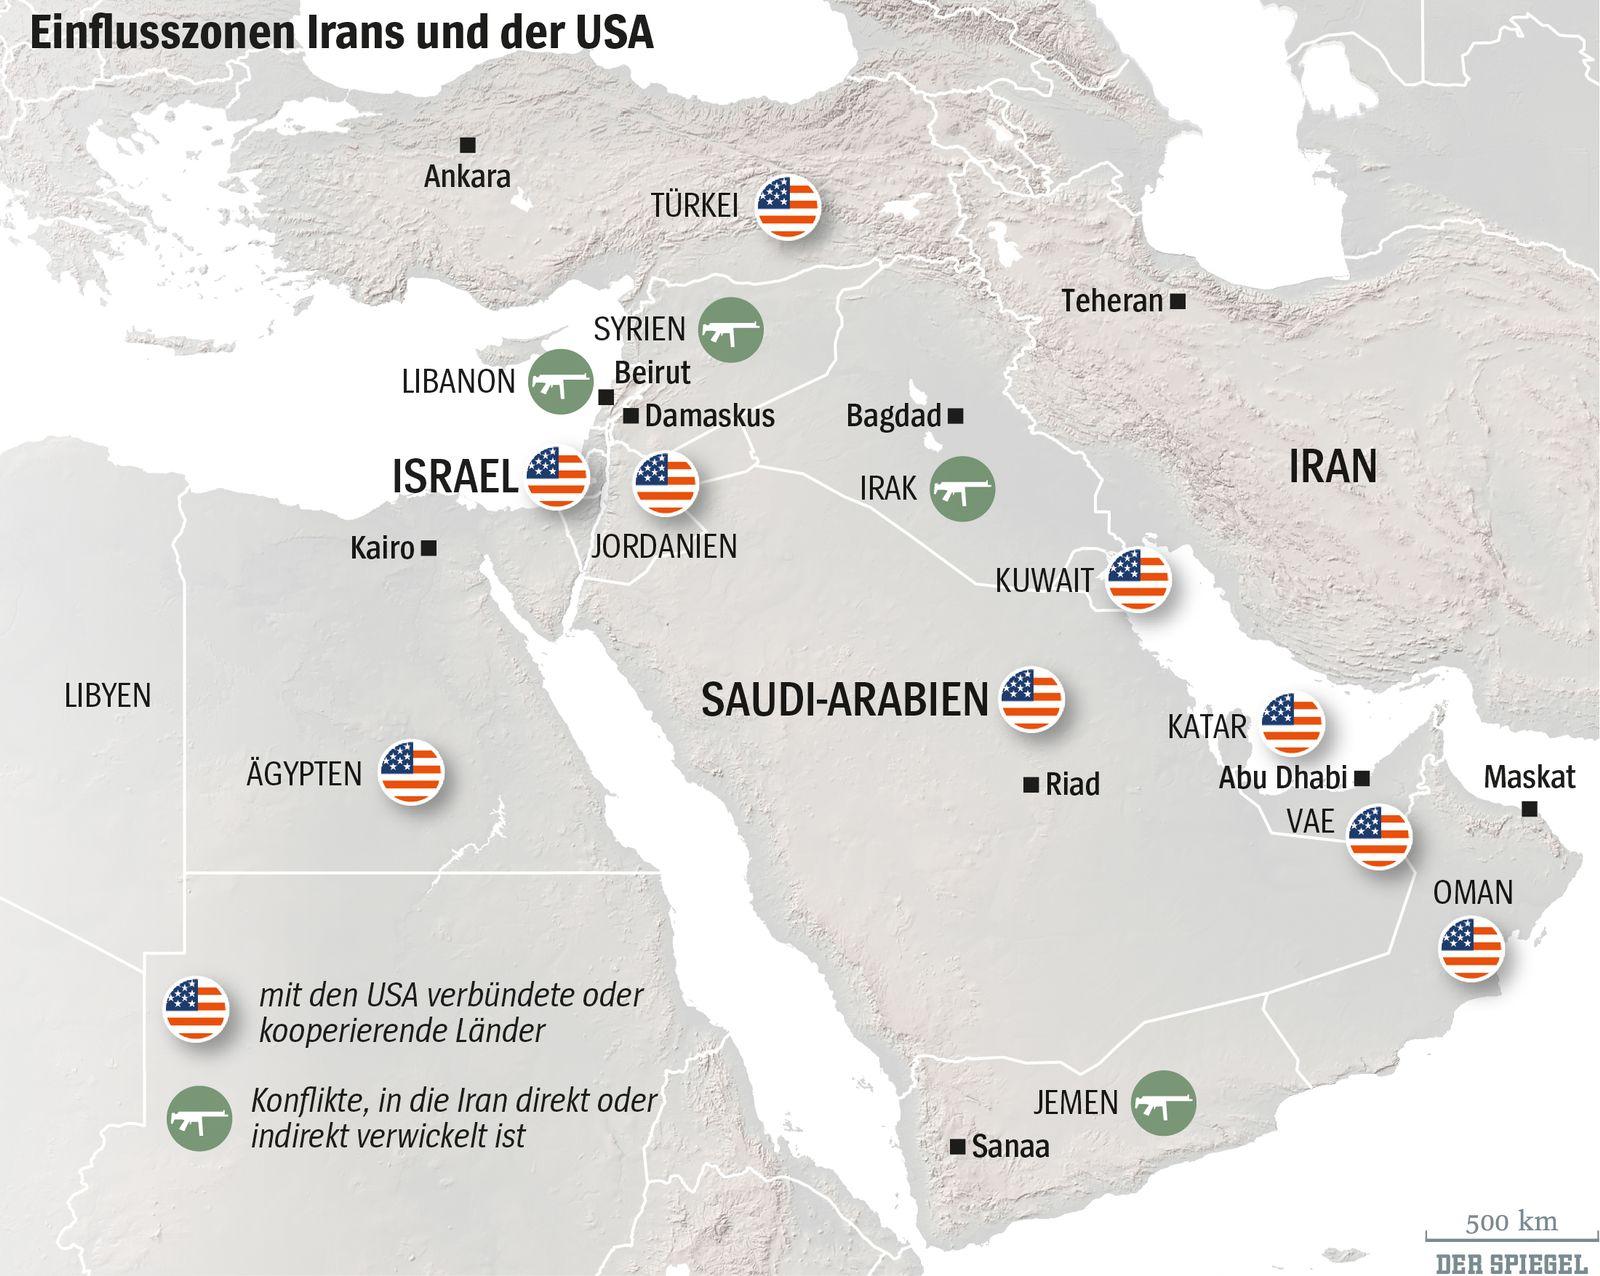 Nahost-Achsen Christoph Sydow - editierte Karte Iran-Konflikt, Ursprung DER SPIEGEL 14/2015 Seite 103 OHNE neue TEXTE